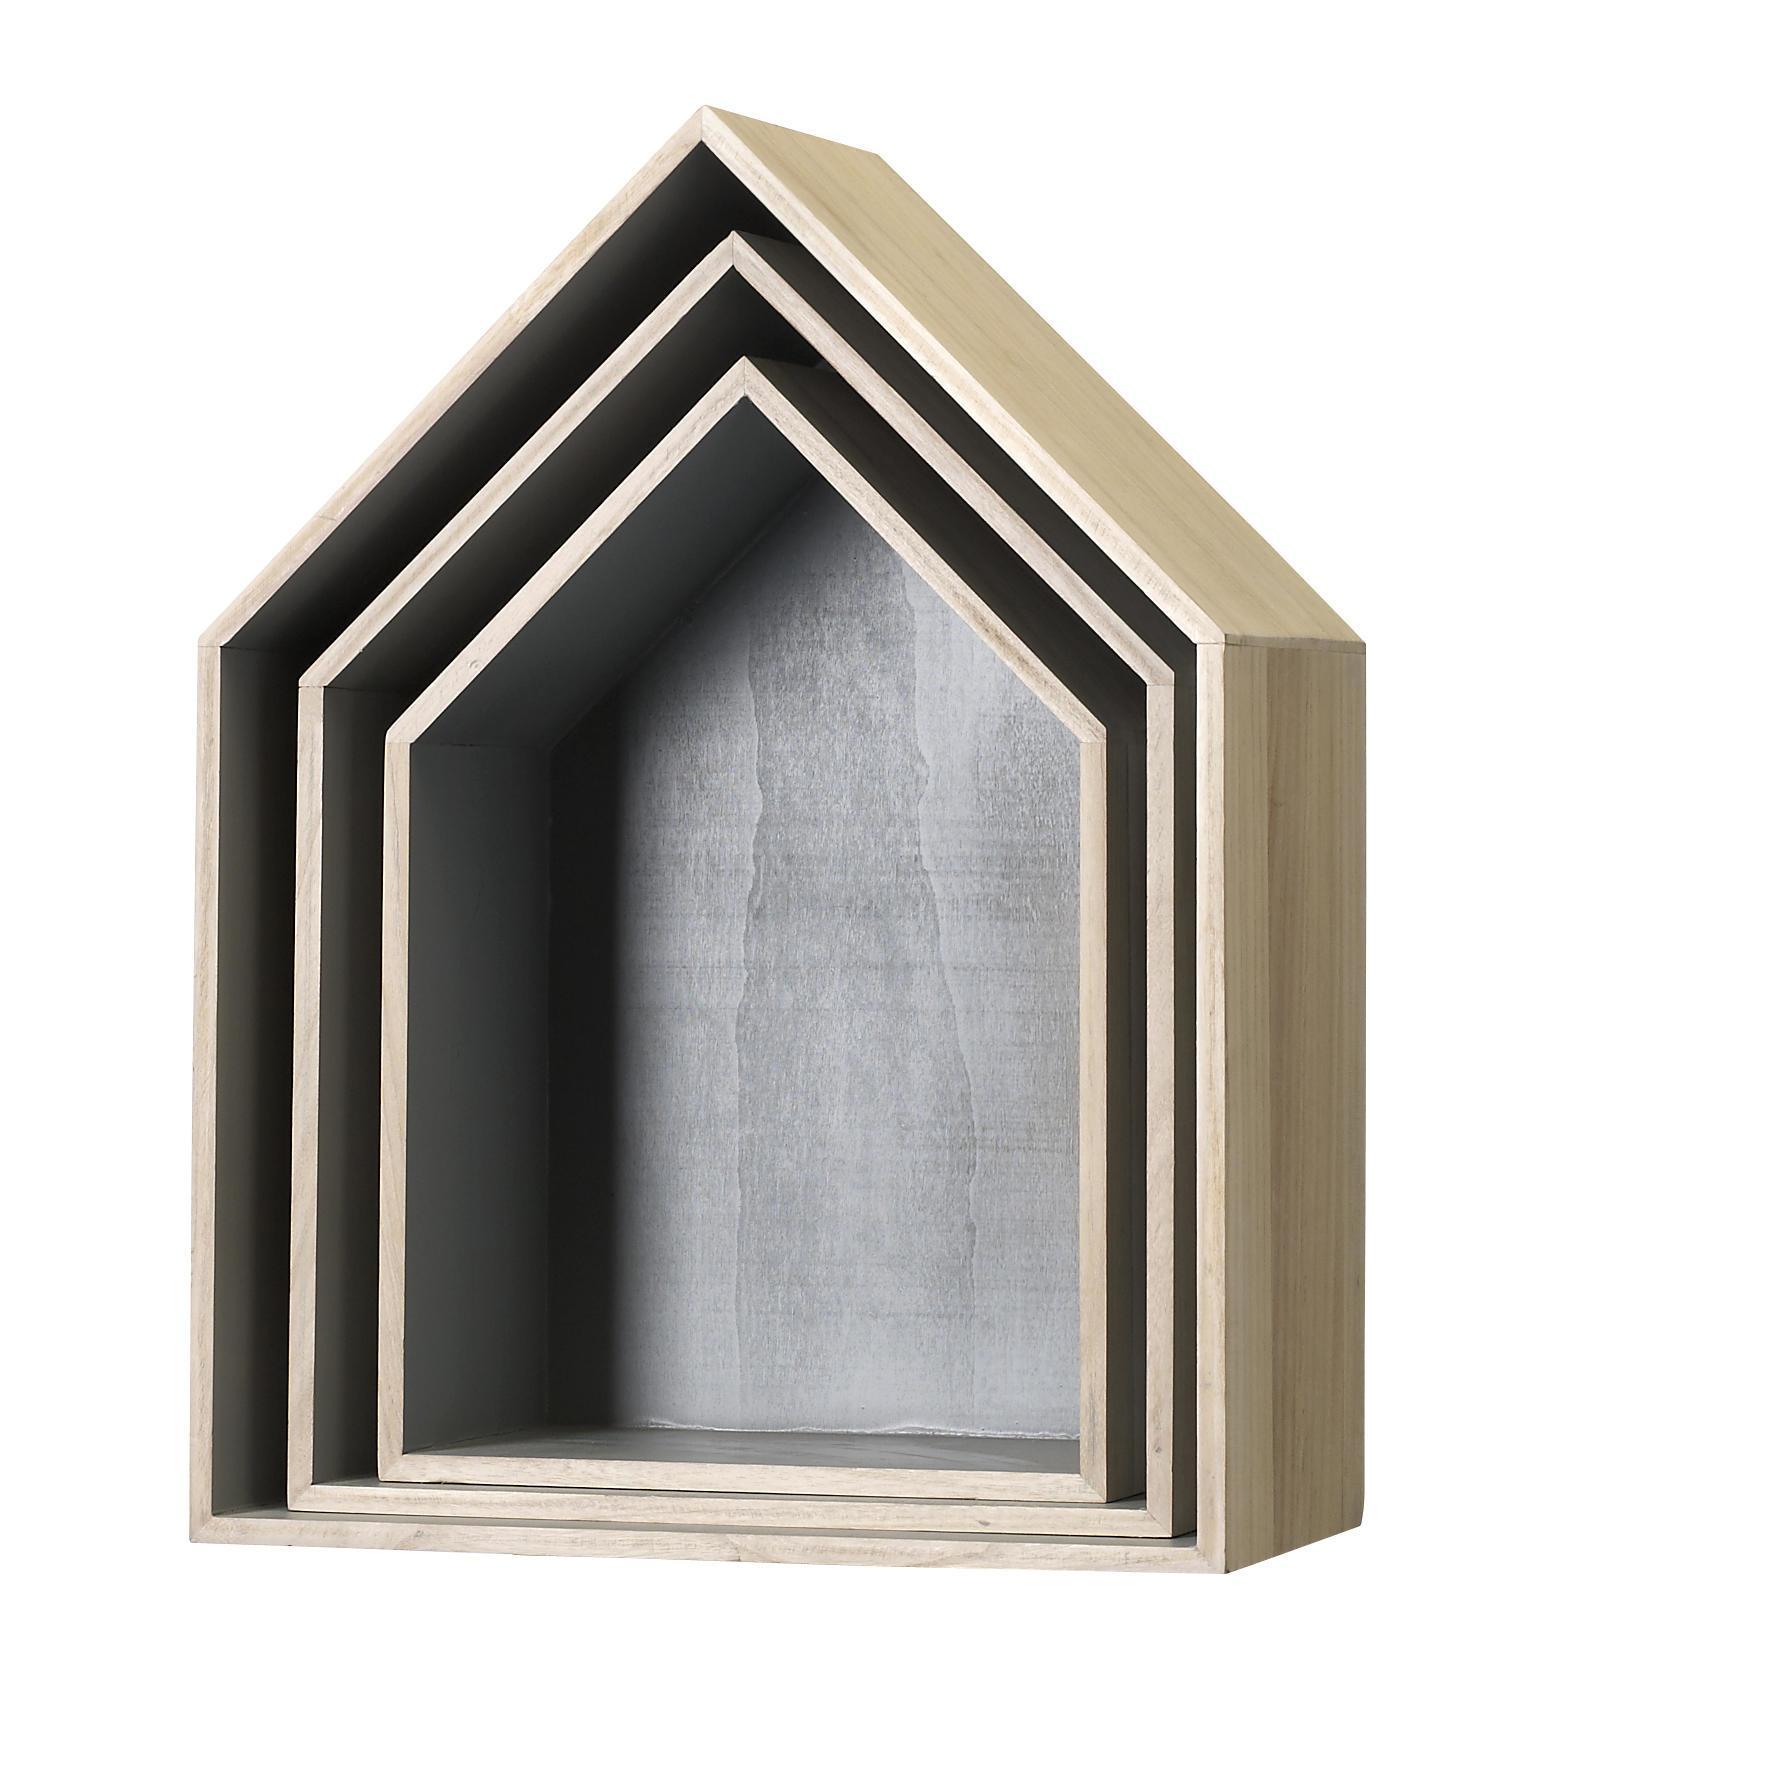 Bloomingville Nástěnná polička House Grey Velikost S, béžová barva, šedá barva, hnědá barva, dřevo